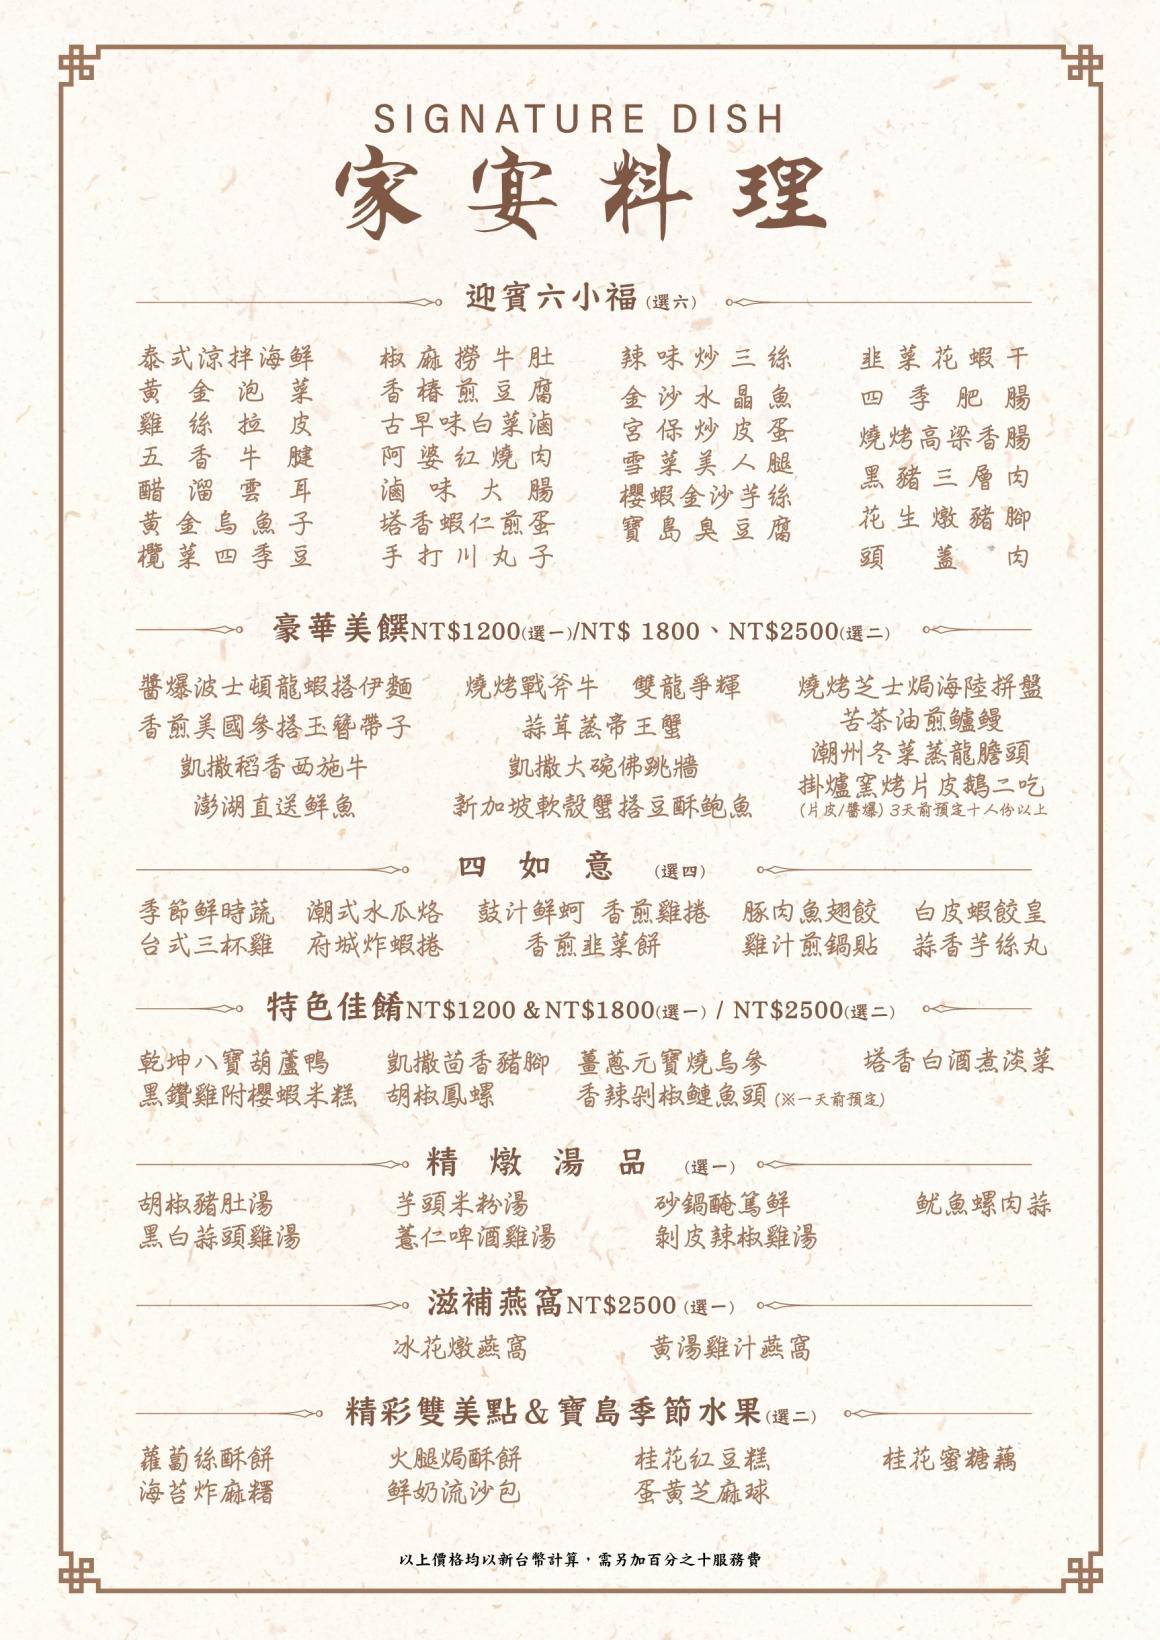 2020王朝家宴菜單-官網edm20210113